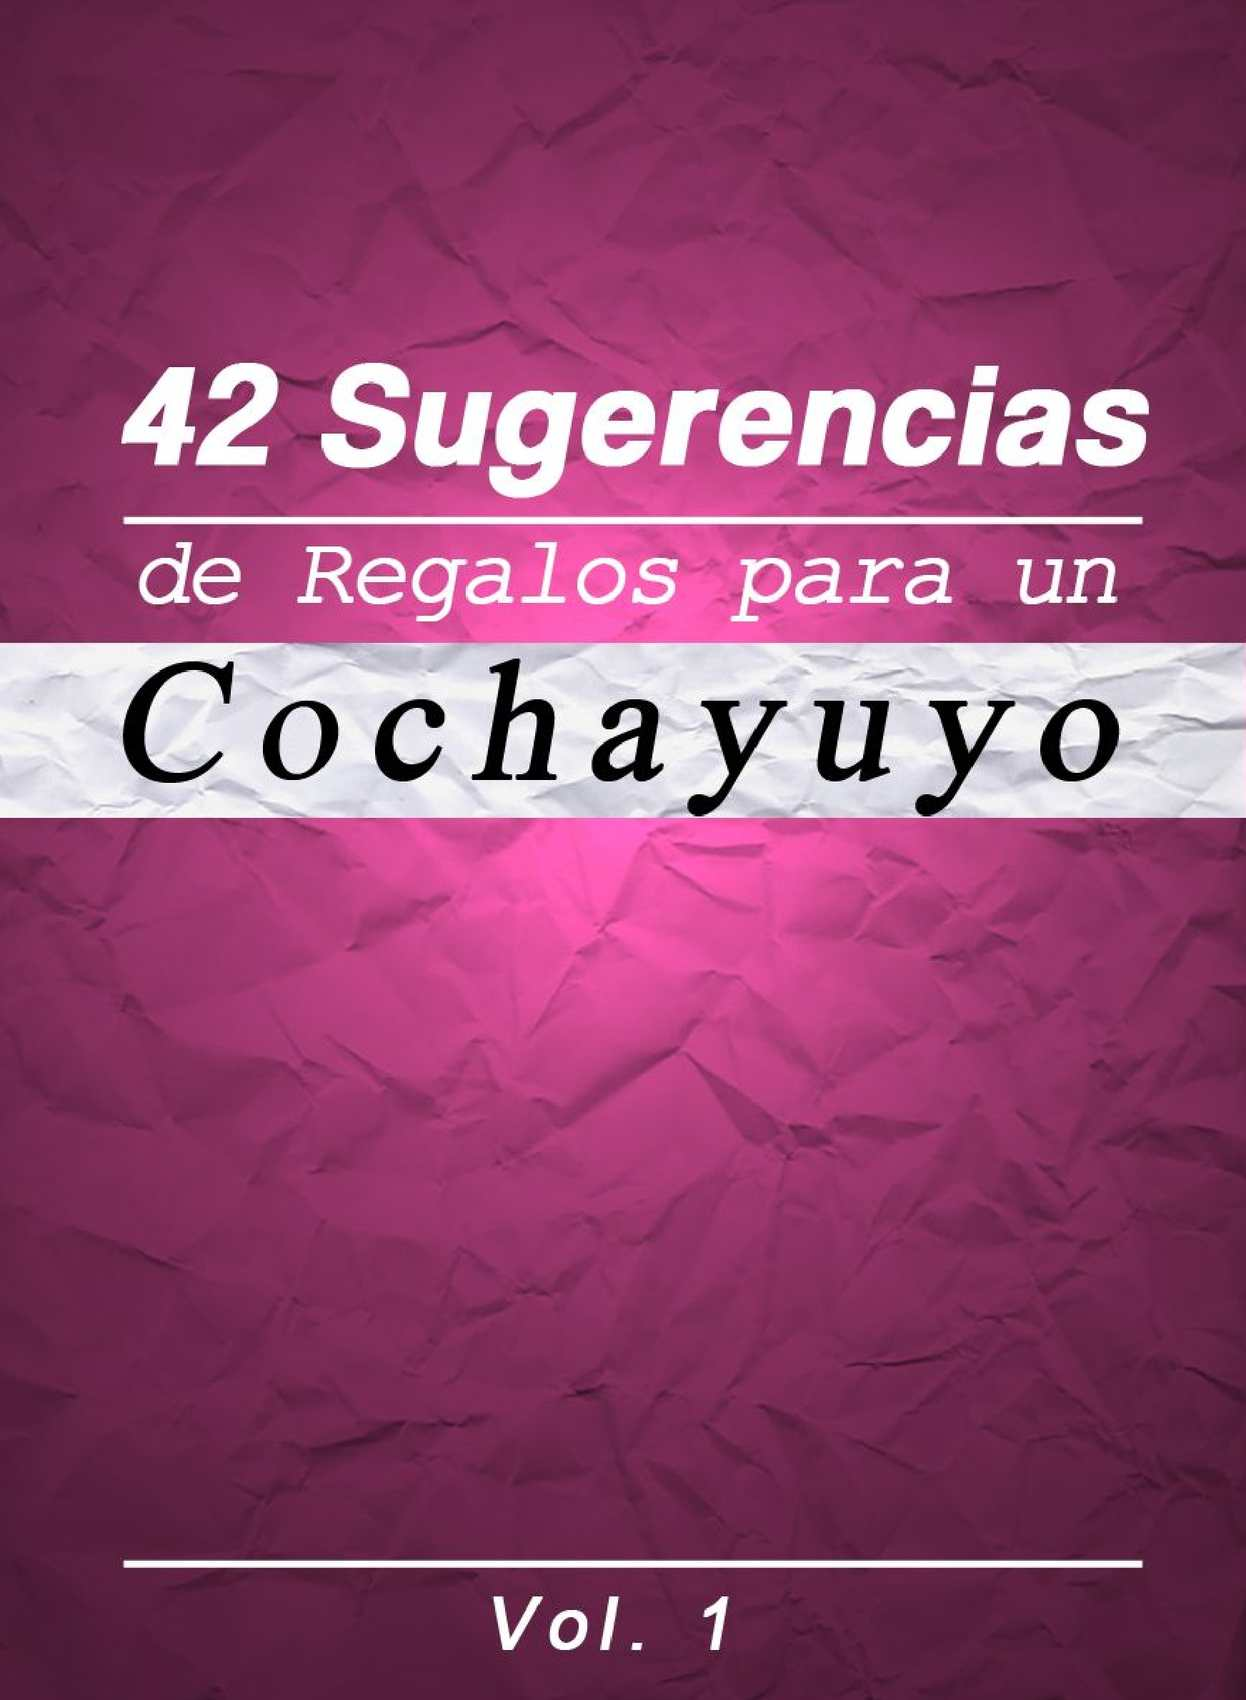 calam o 42 sugerencias de regalos para un cochayuyo